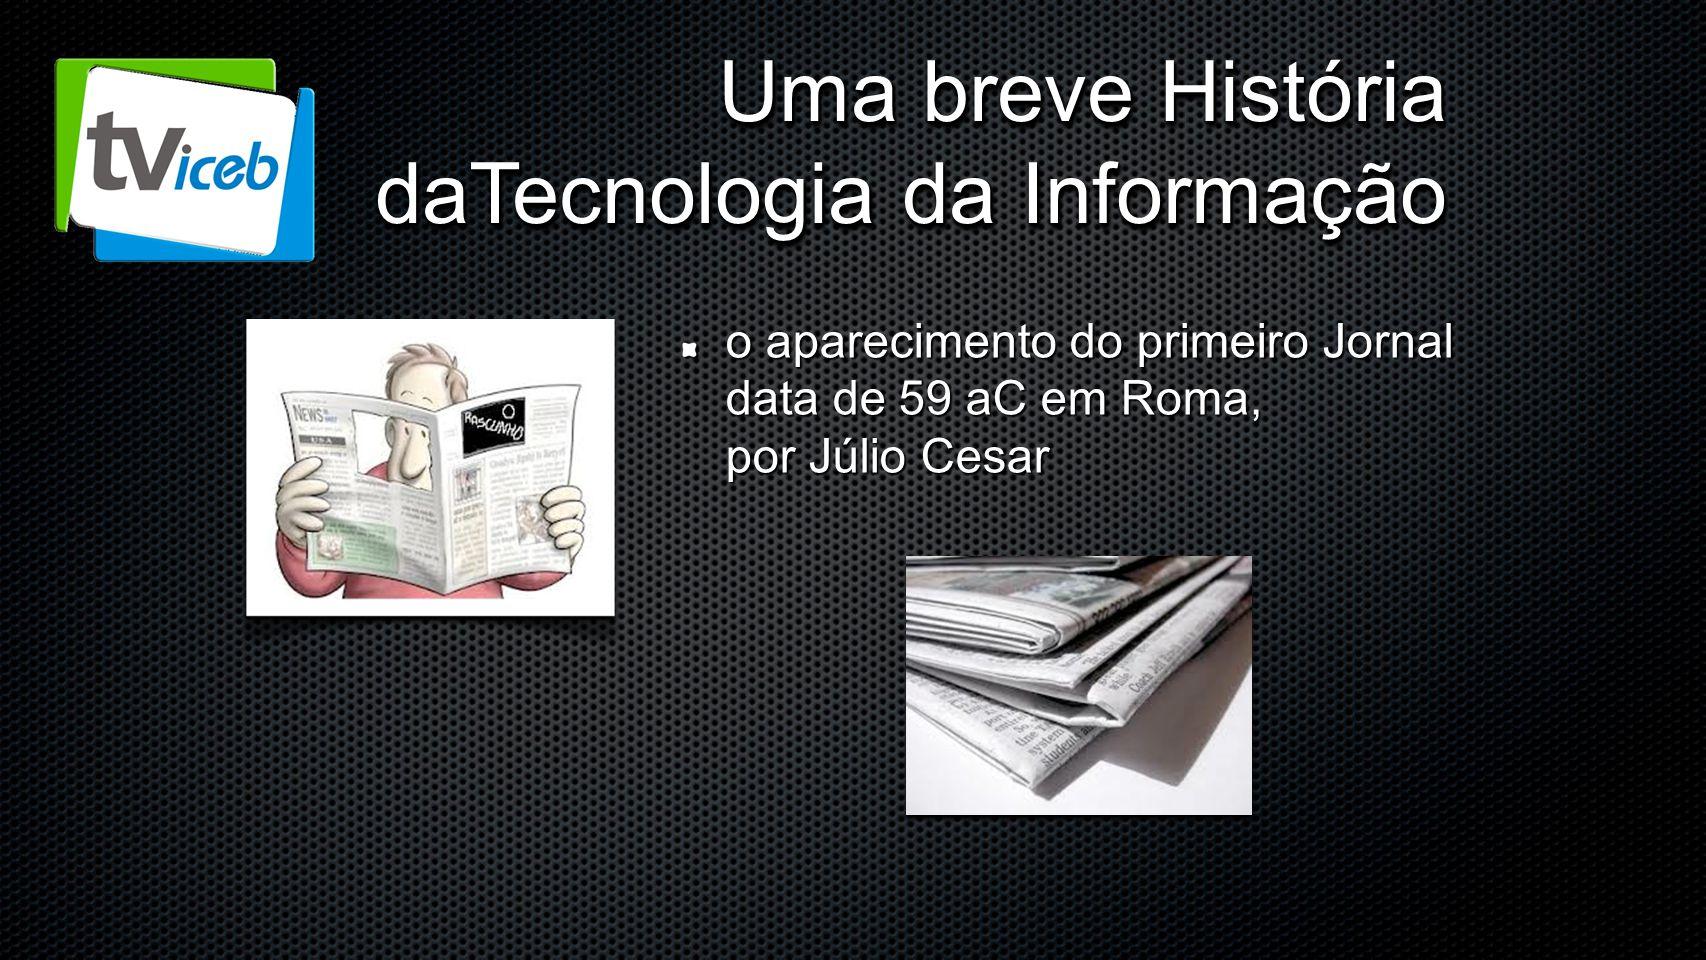 Uma breve História daTecnologia da Informação o aparecimento do primeiro Jornal data de 59 aC em Roma, por Júlio Cesar